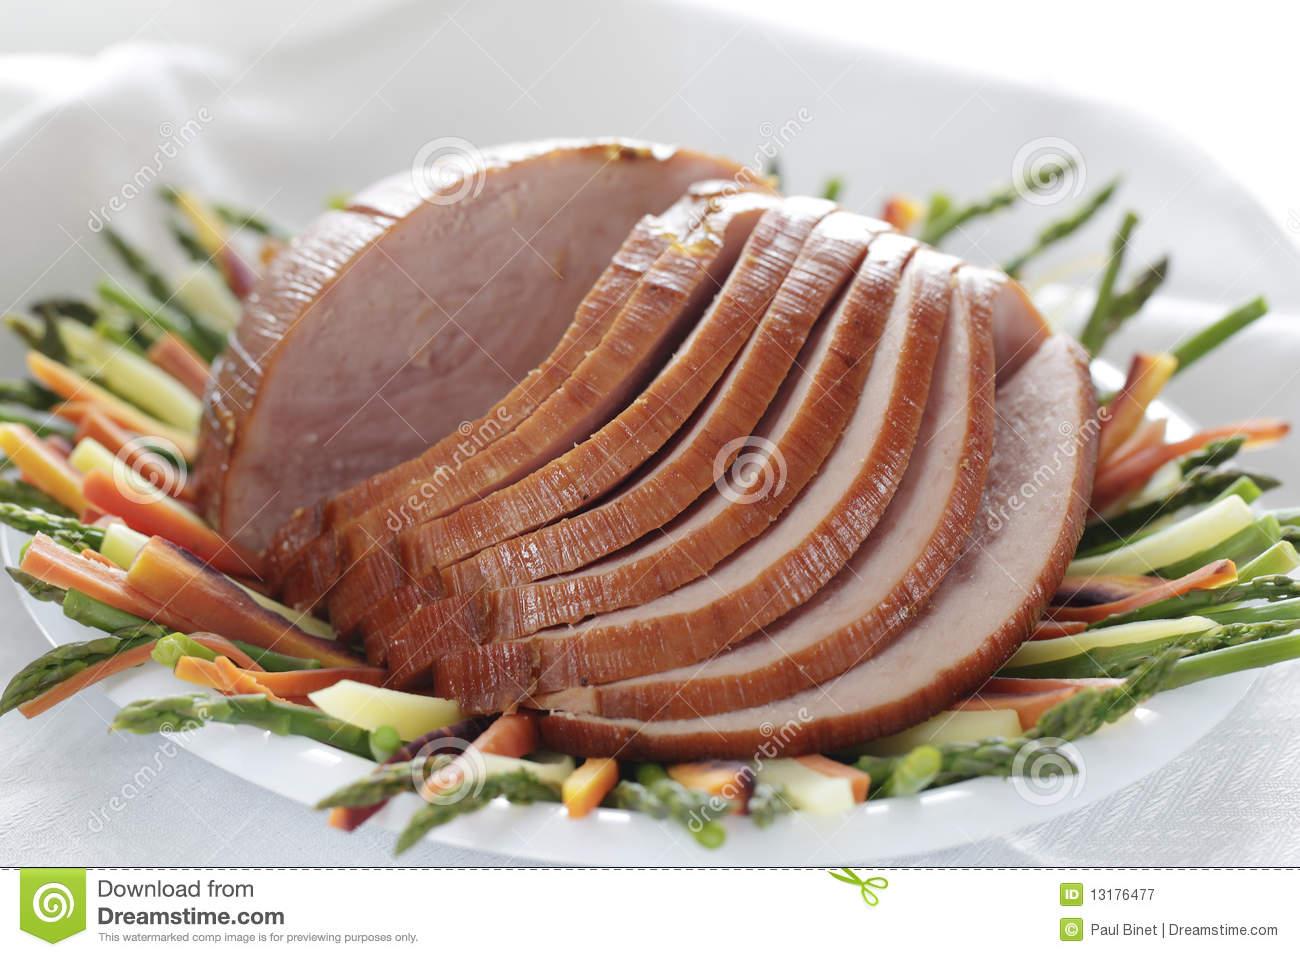 Whole Ham Royalty Free Stock Photography   Image  13176477